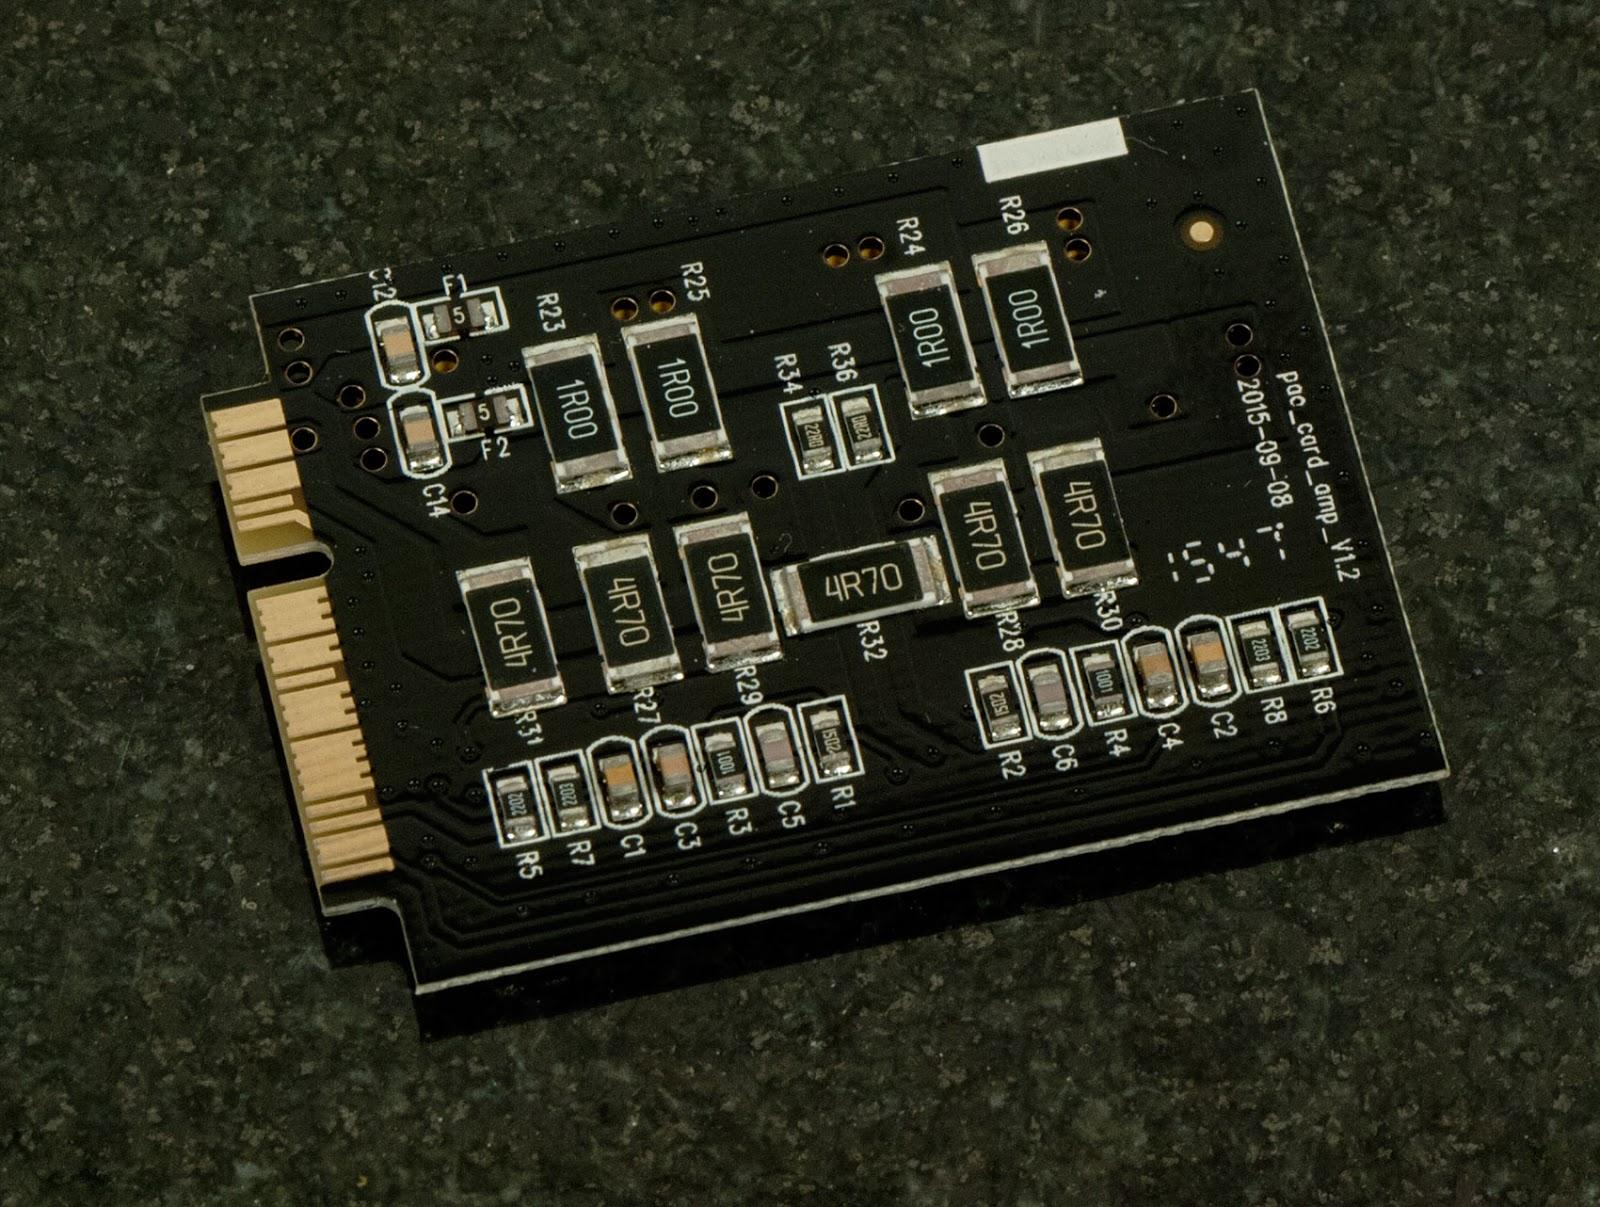 Обзор аудиоплеера HIFIMAN HM901U - 11